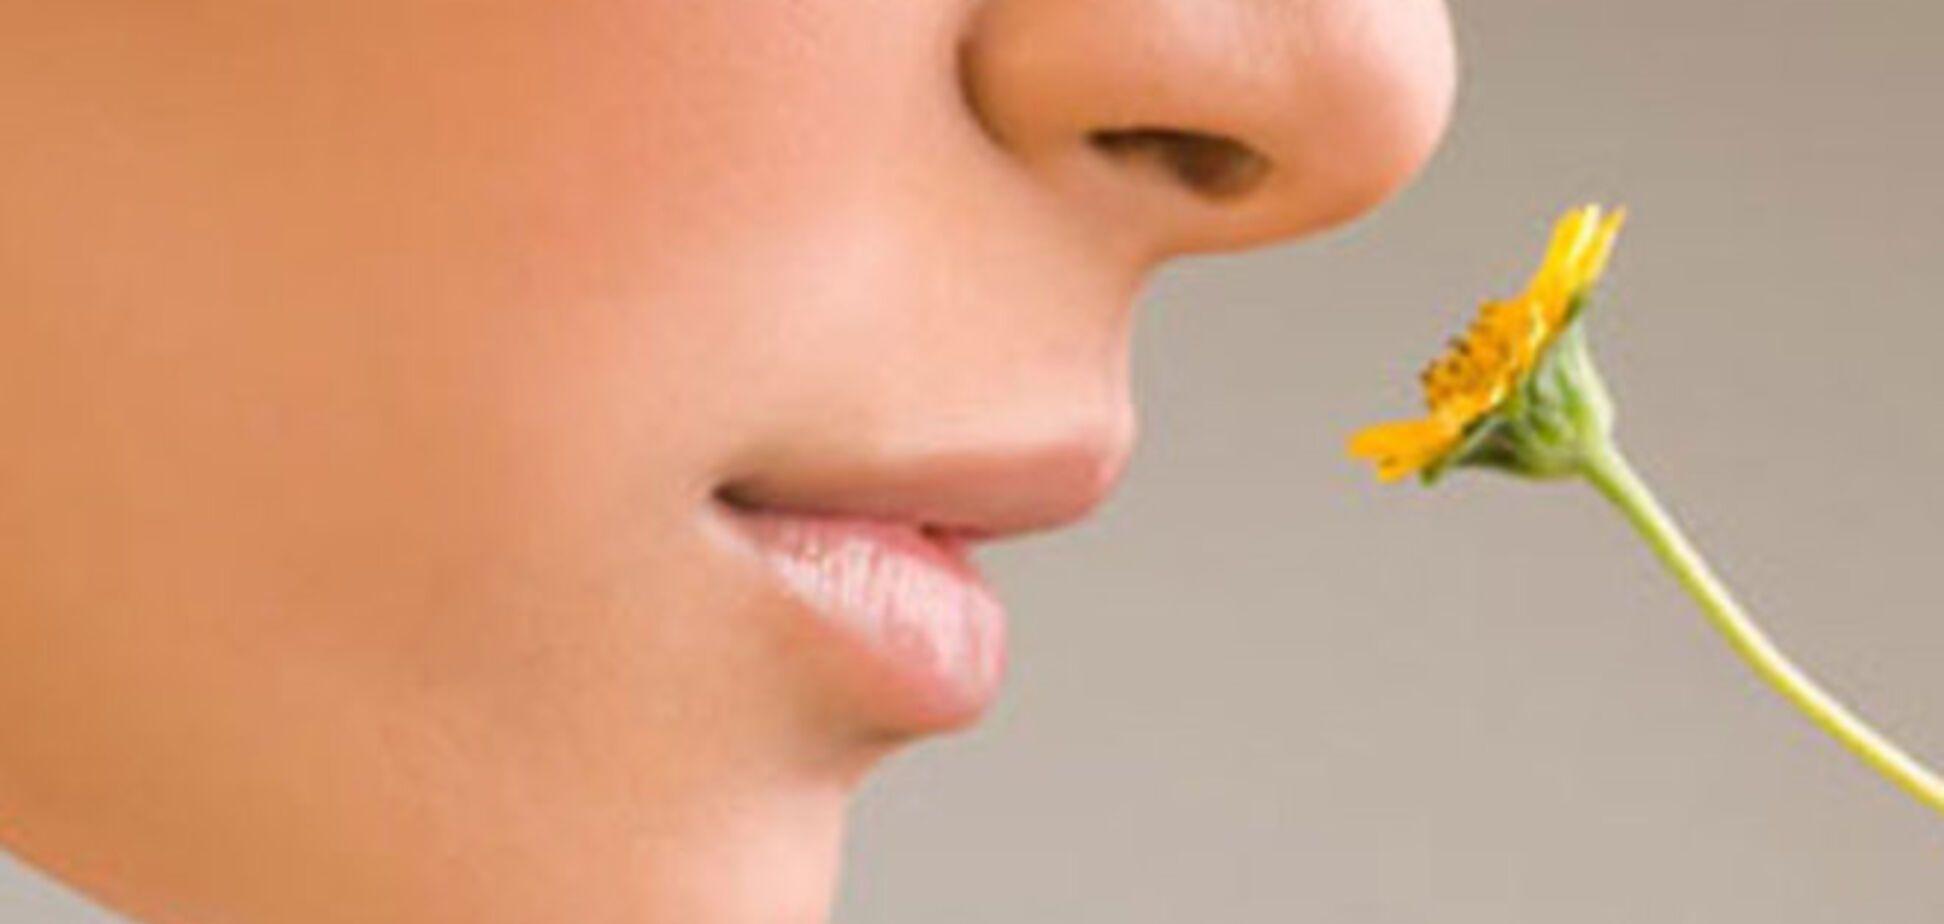 Как запахи влияют на работоспособность, память и концентрацию внимания